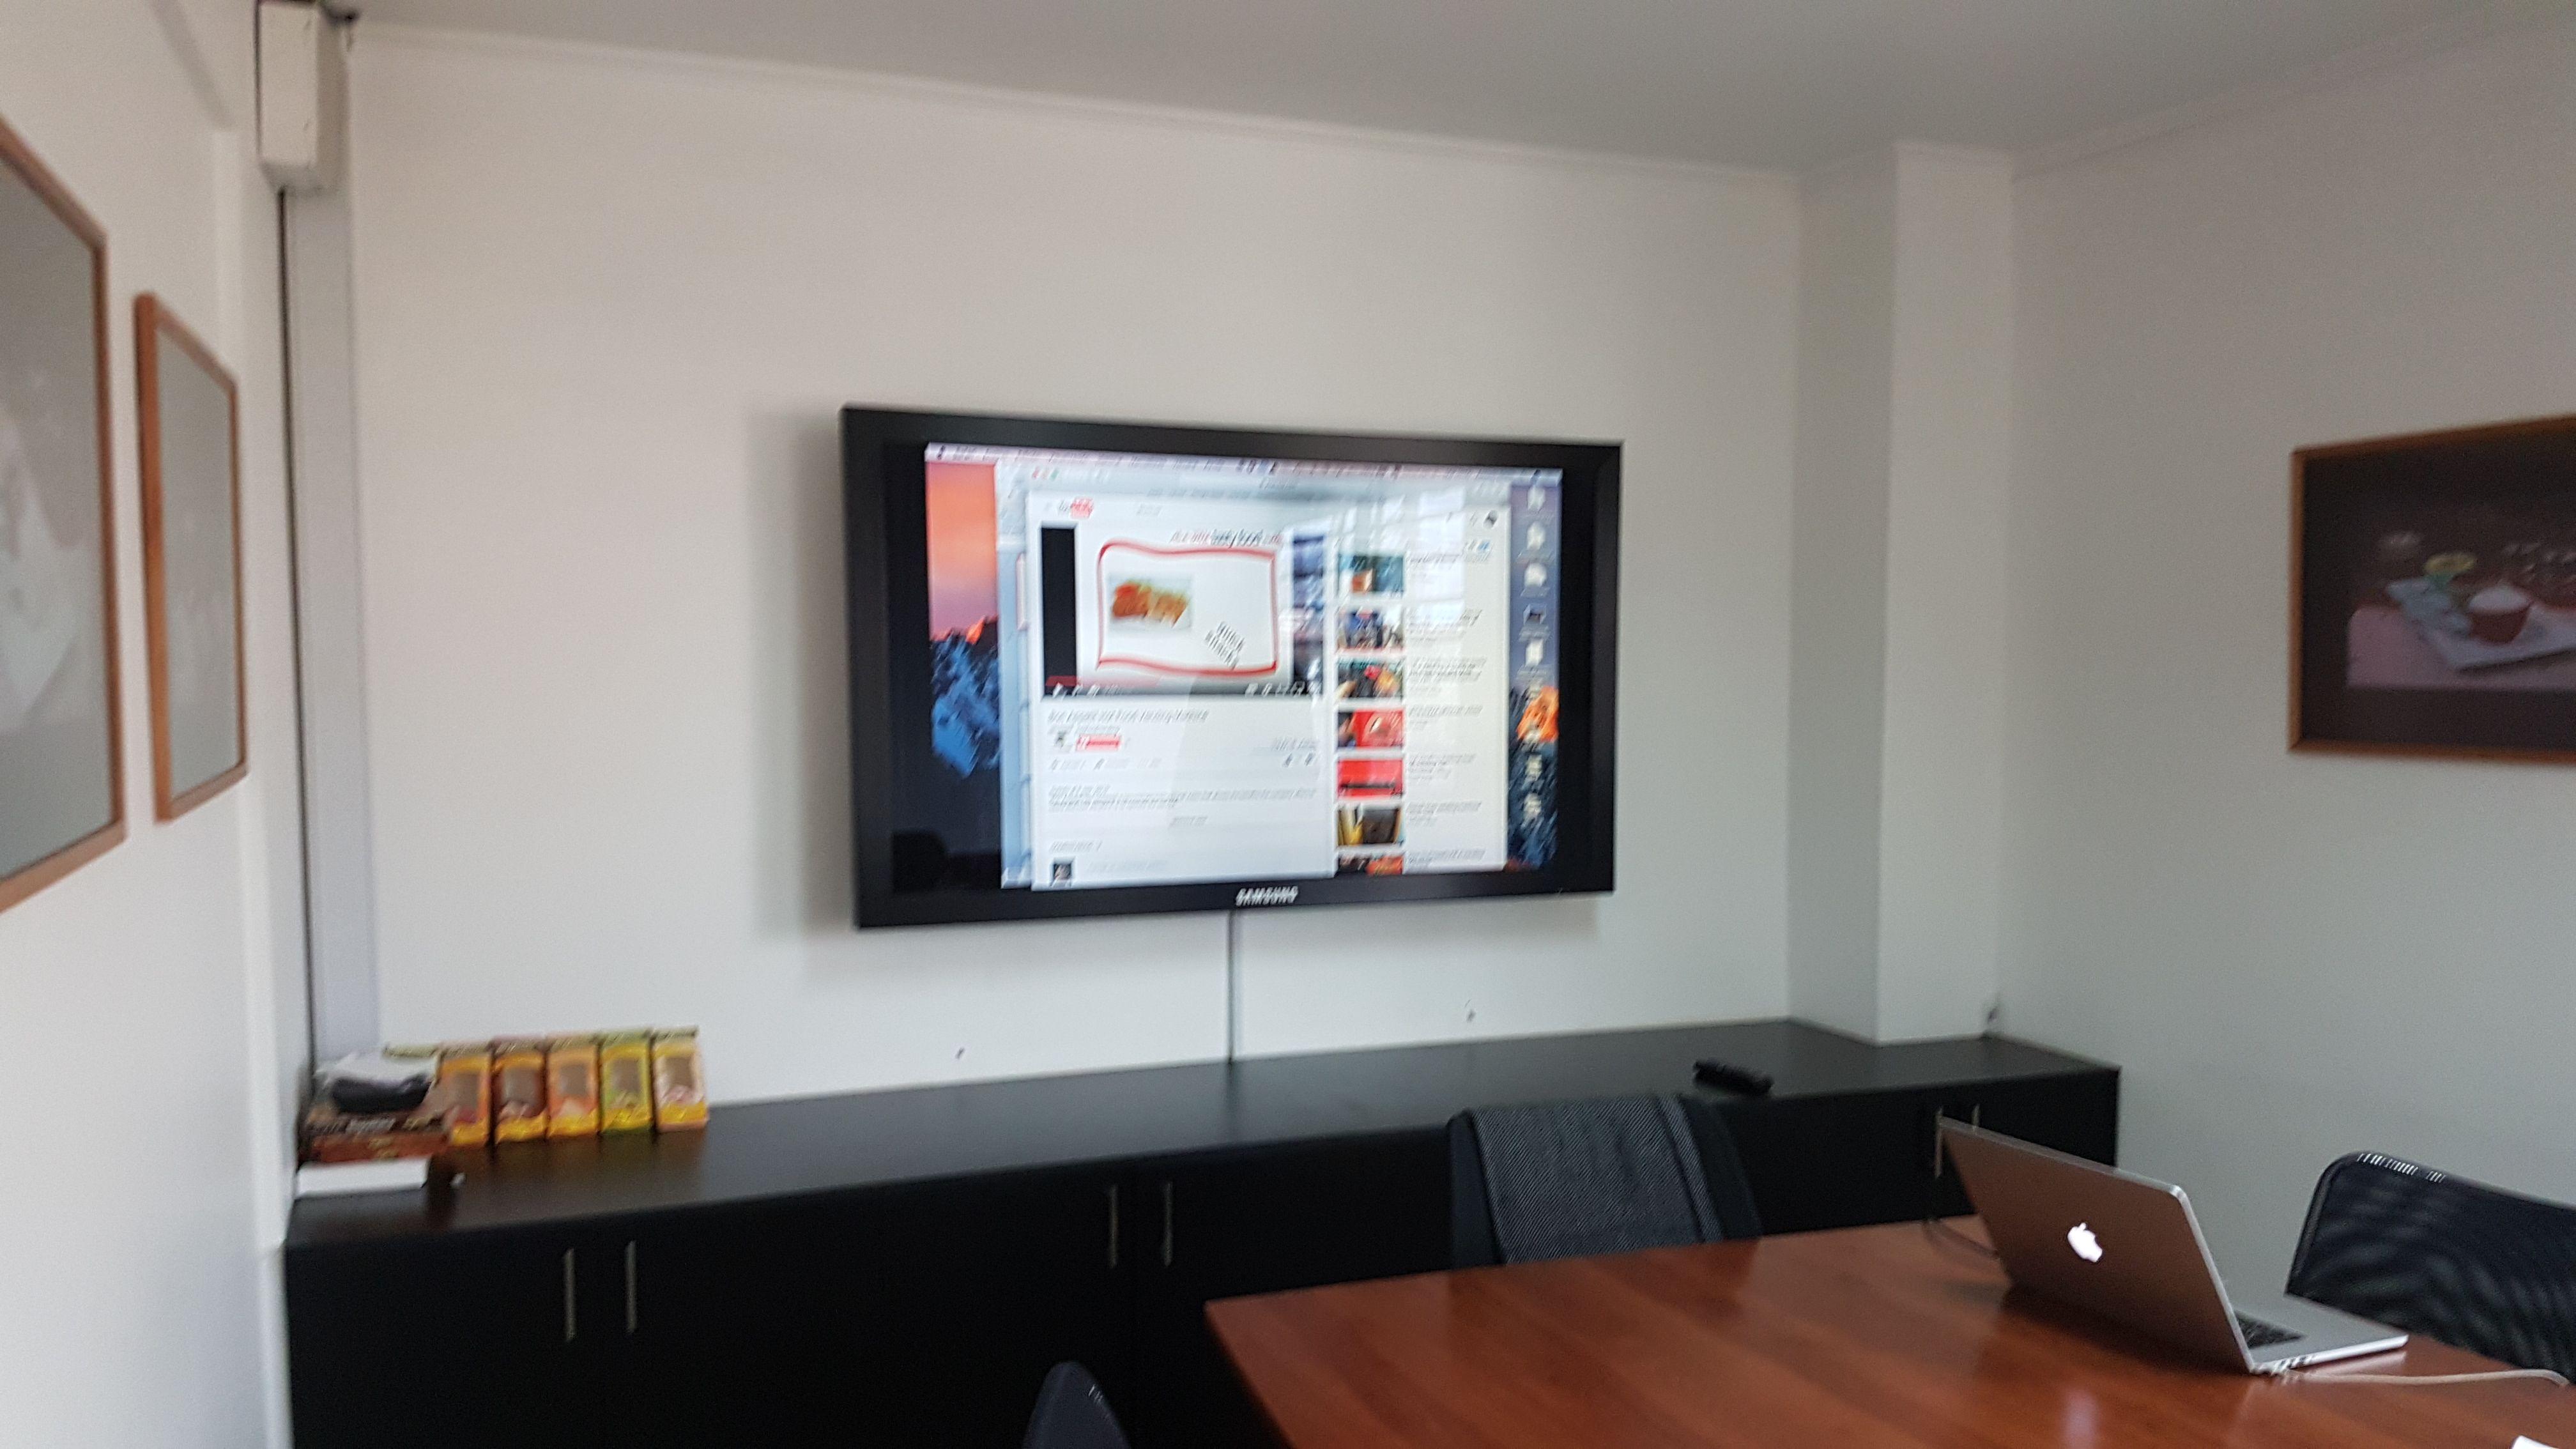 Televisor De 42 Bandeja Doble Para Decodificador Y Blu Ray  # Muebles Jireh Bogota